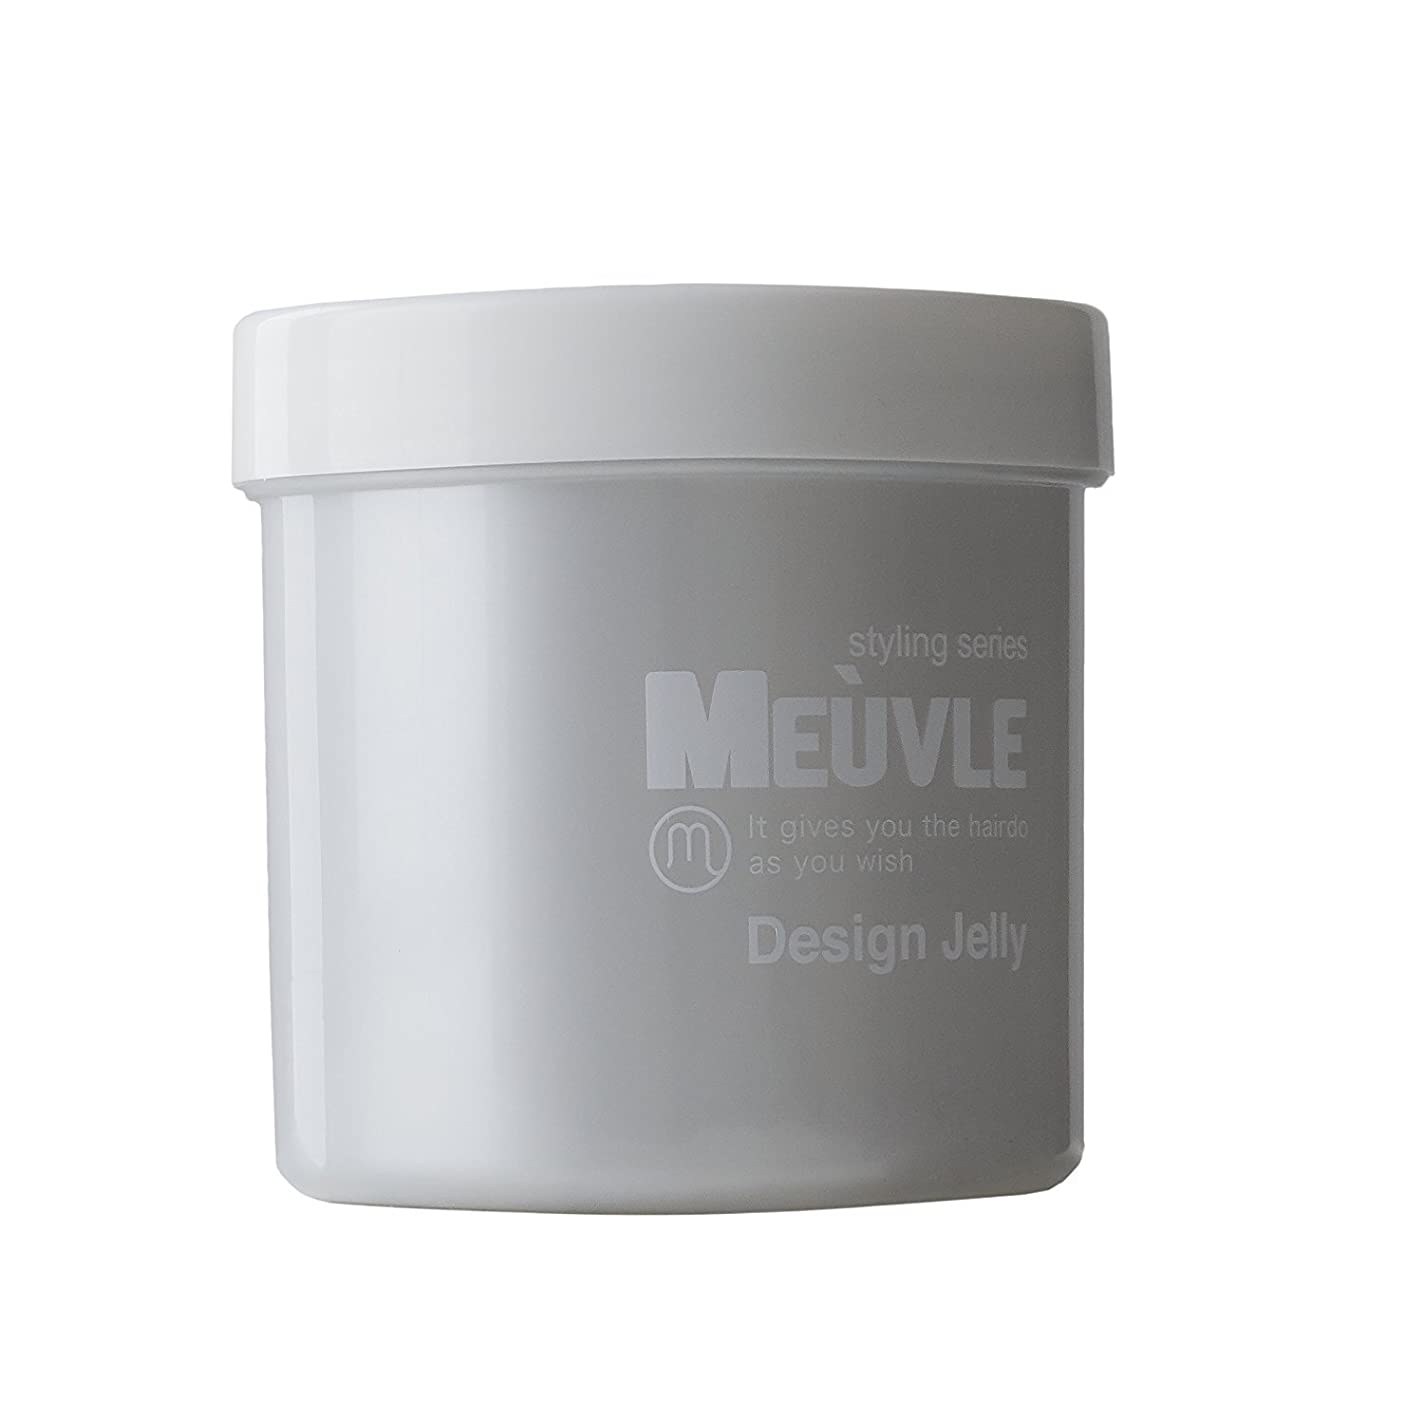 いつかリビングルーム顕現MEUVLE ( ミューヴル ) デザインゼリー 300g 限定企画 ミューブル ジェル